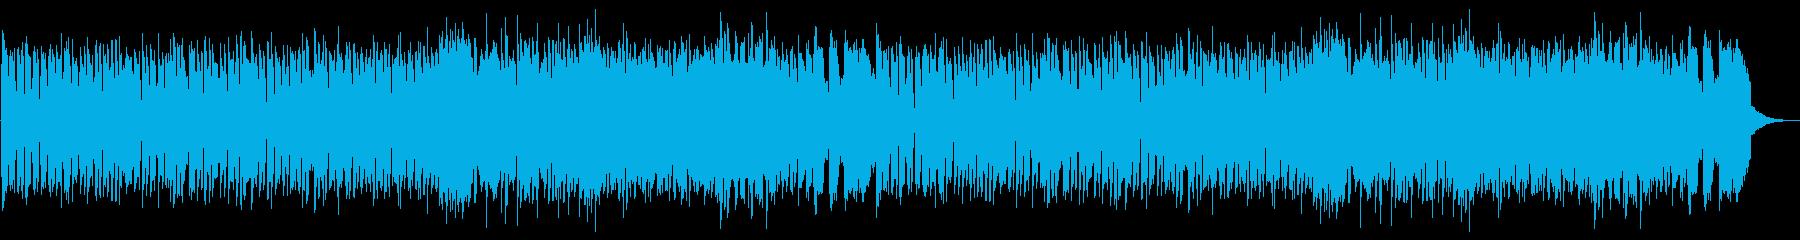 ポップなハロウィンの再生済みの波形